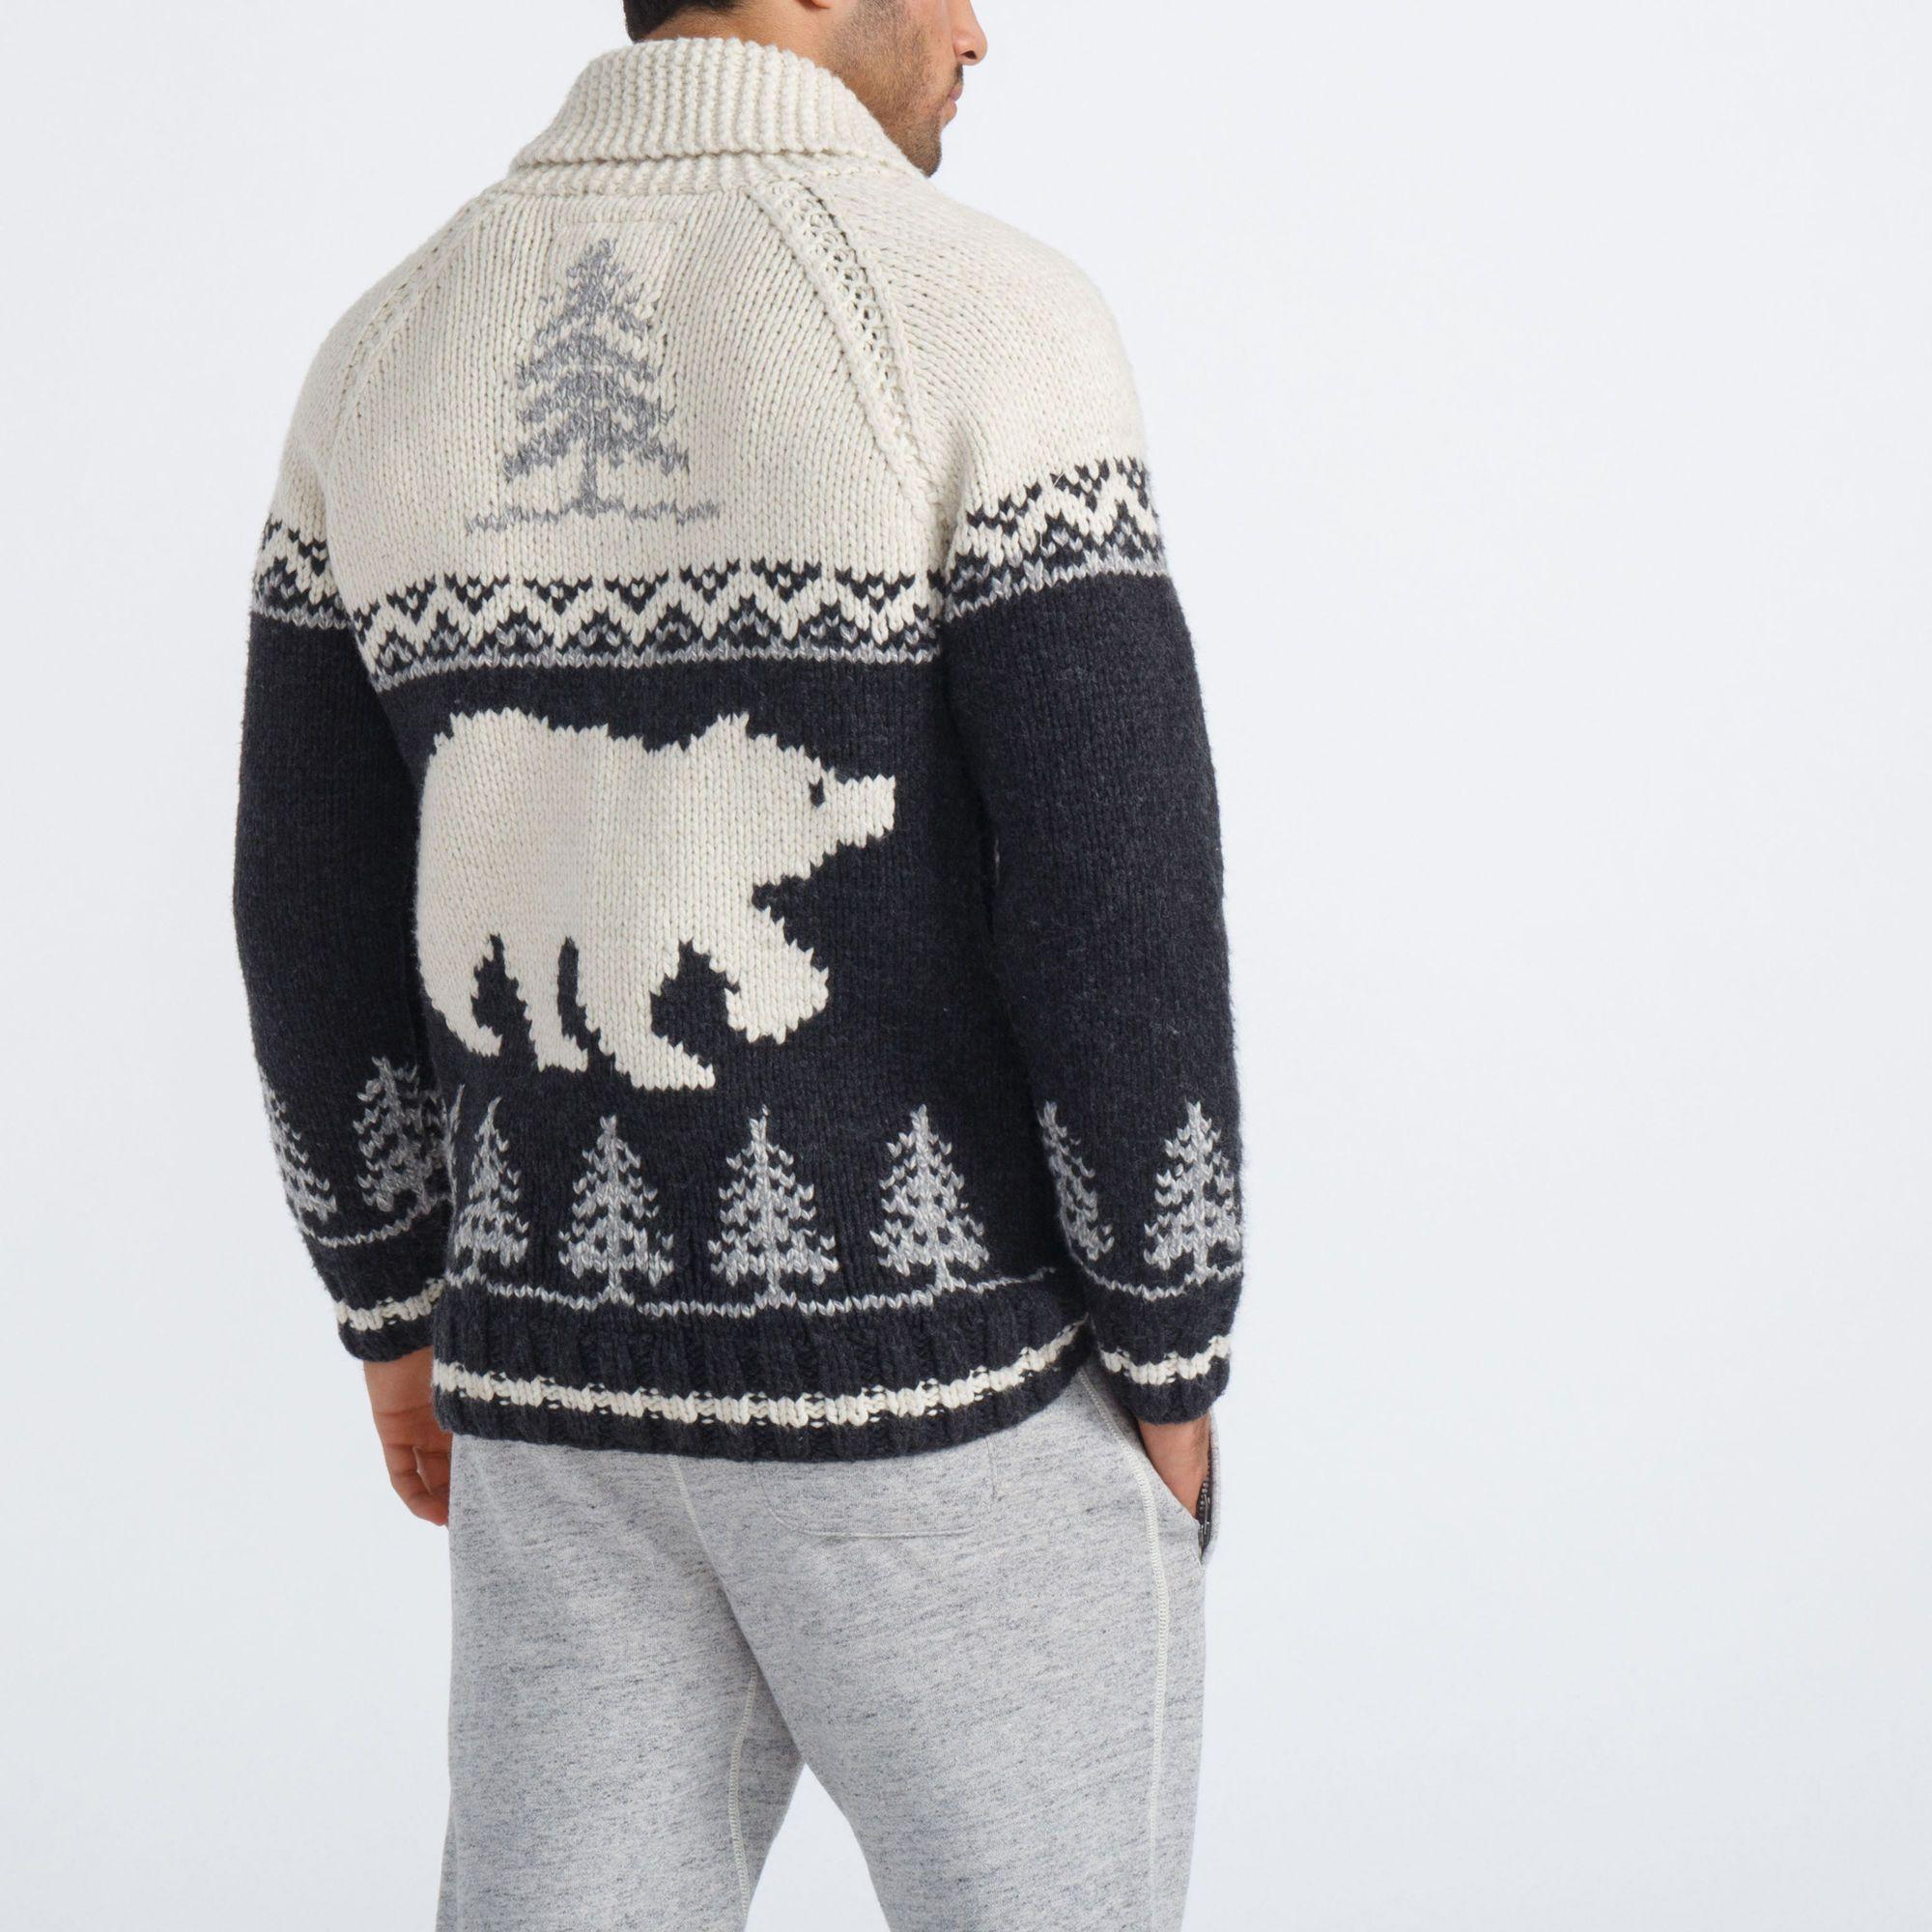 Unisex Mary Maxim Polar Bear Sweater   Roots - Holiday 2015, style ...